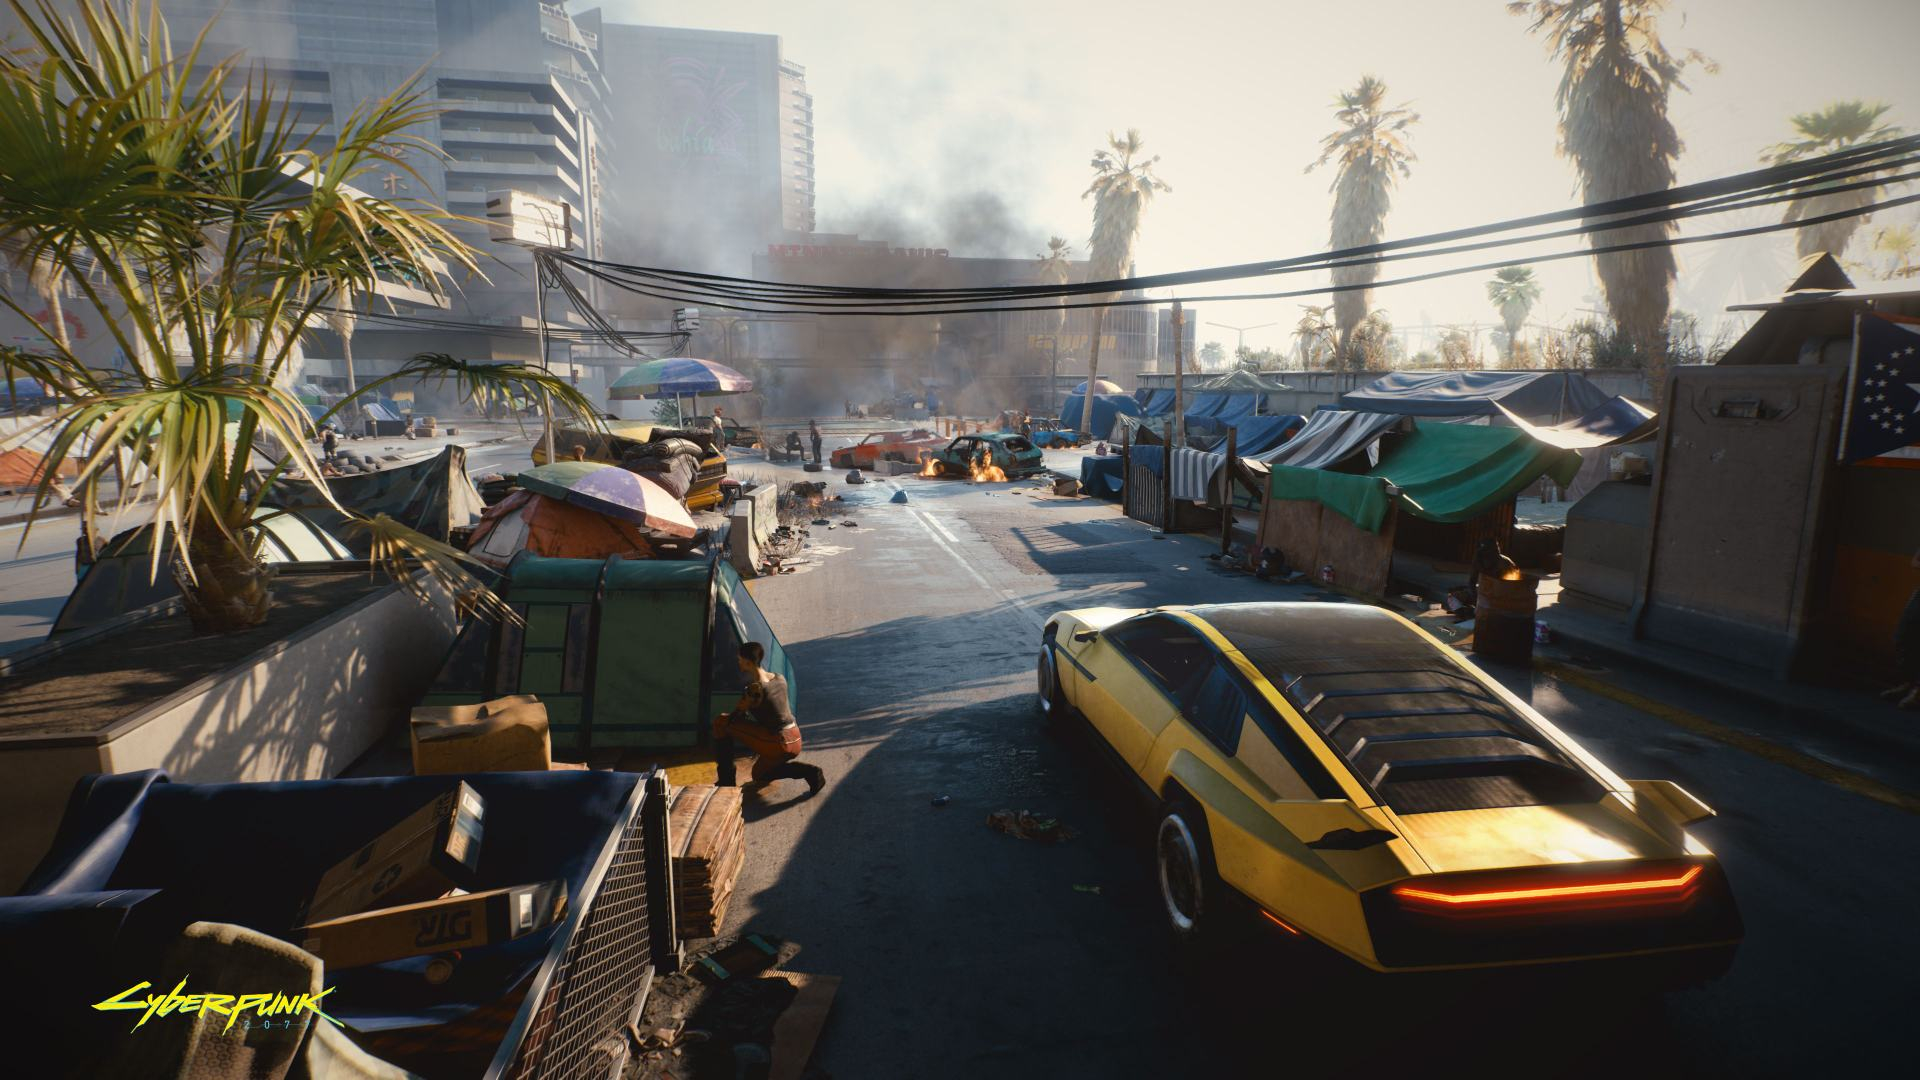 CDPR: Cyberpunk 2077 весьма неплохо работает на PS4 и Xbox One, учитывая огромный мир игры